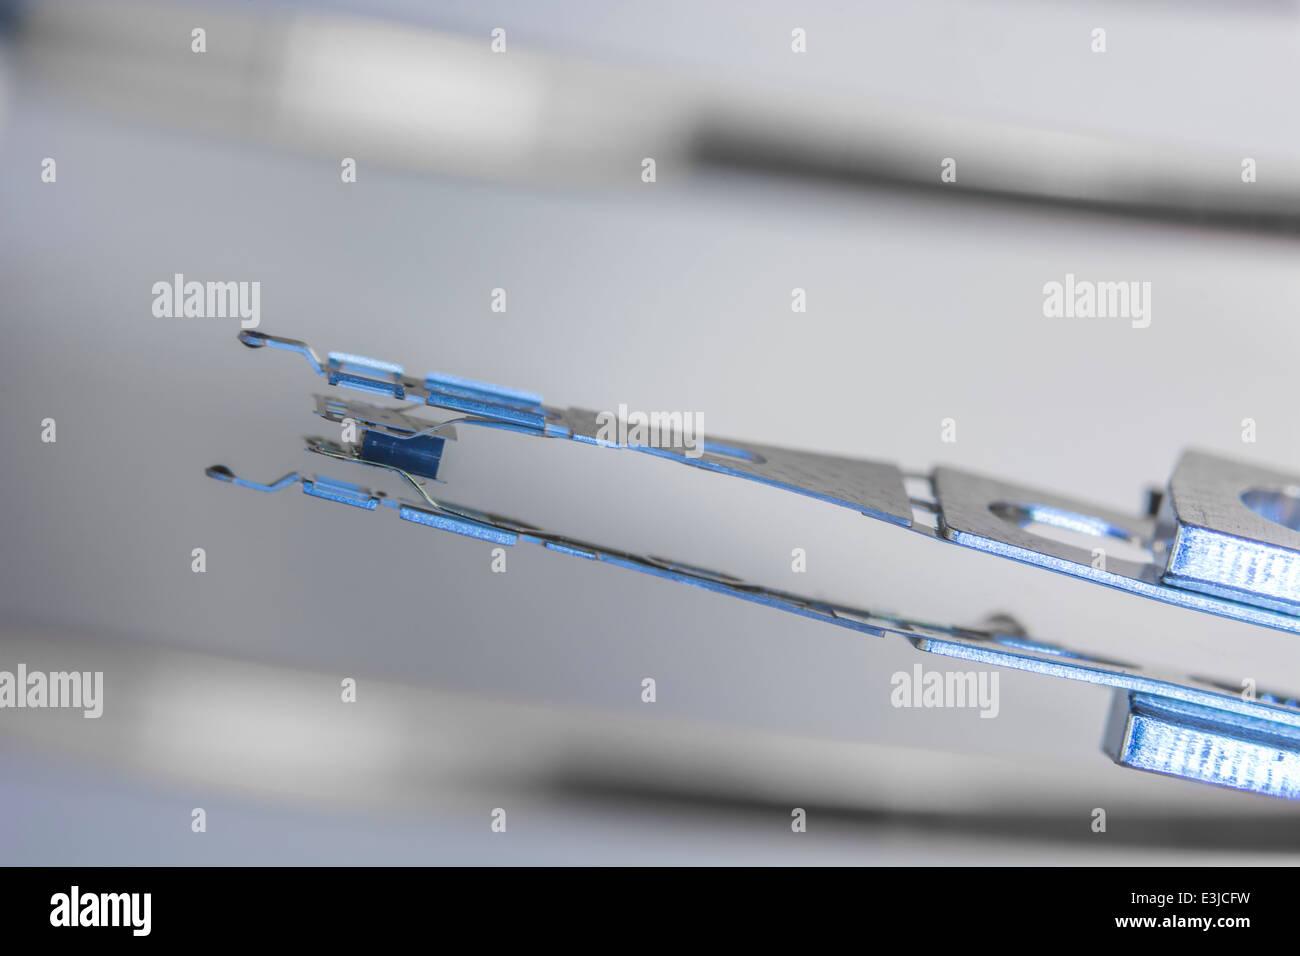 Foto macro di un HDD read-write testa e braccio appoggiato al di sopra del disco piatto. Metafora visiva per il Immagini Stock